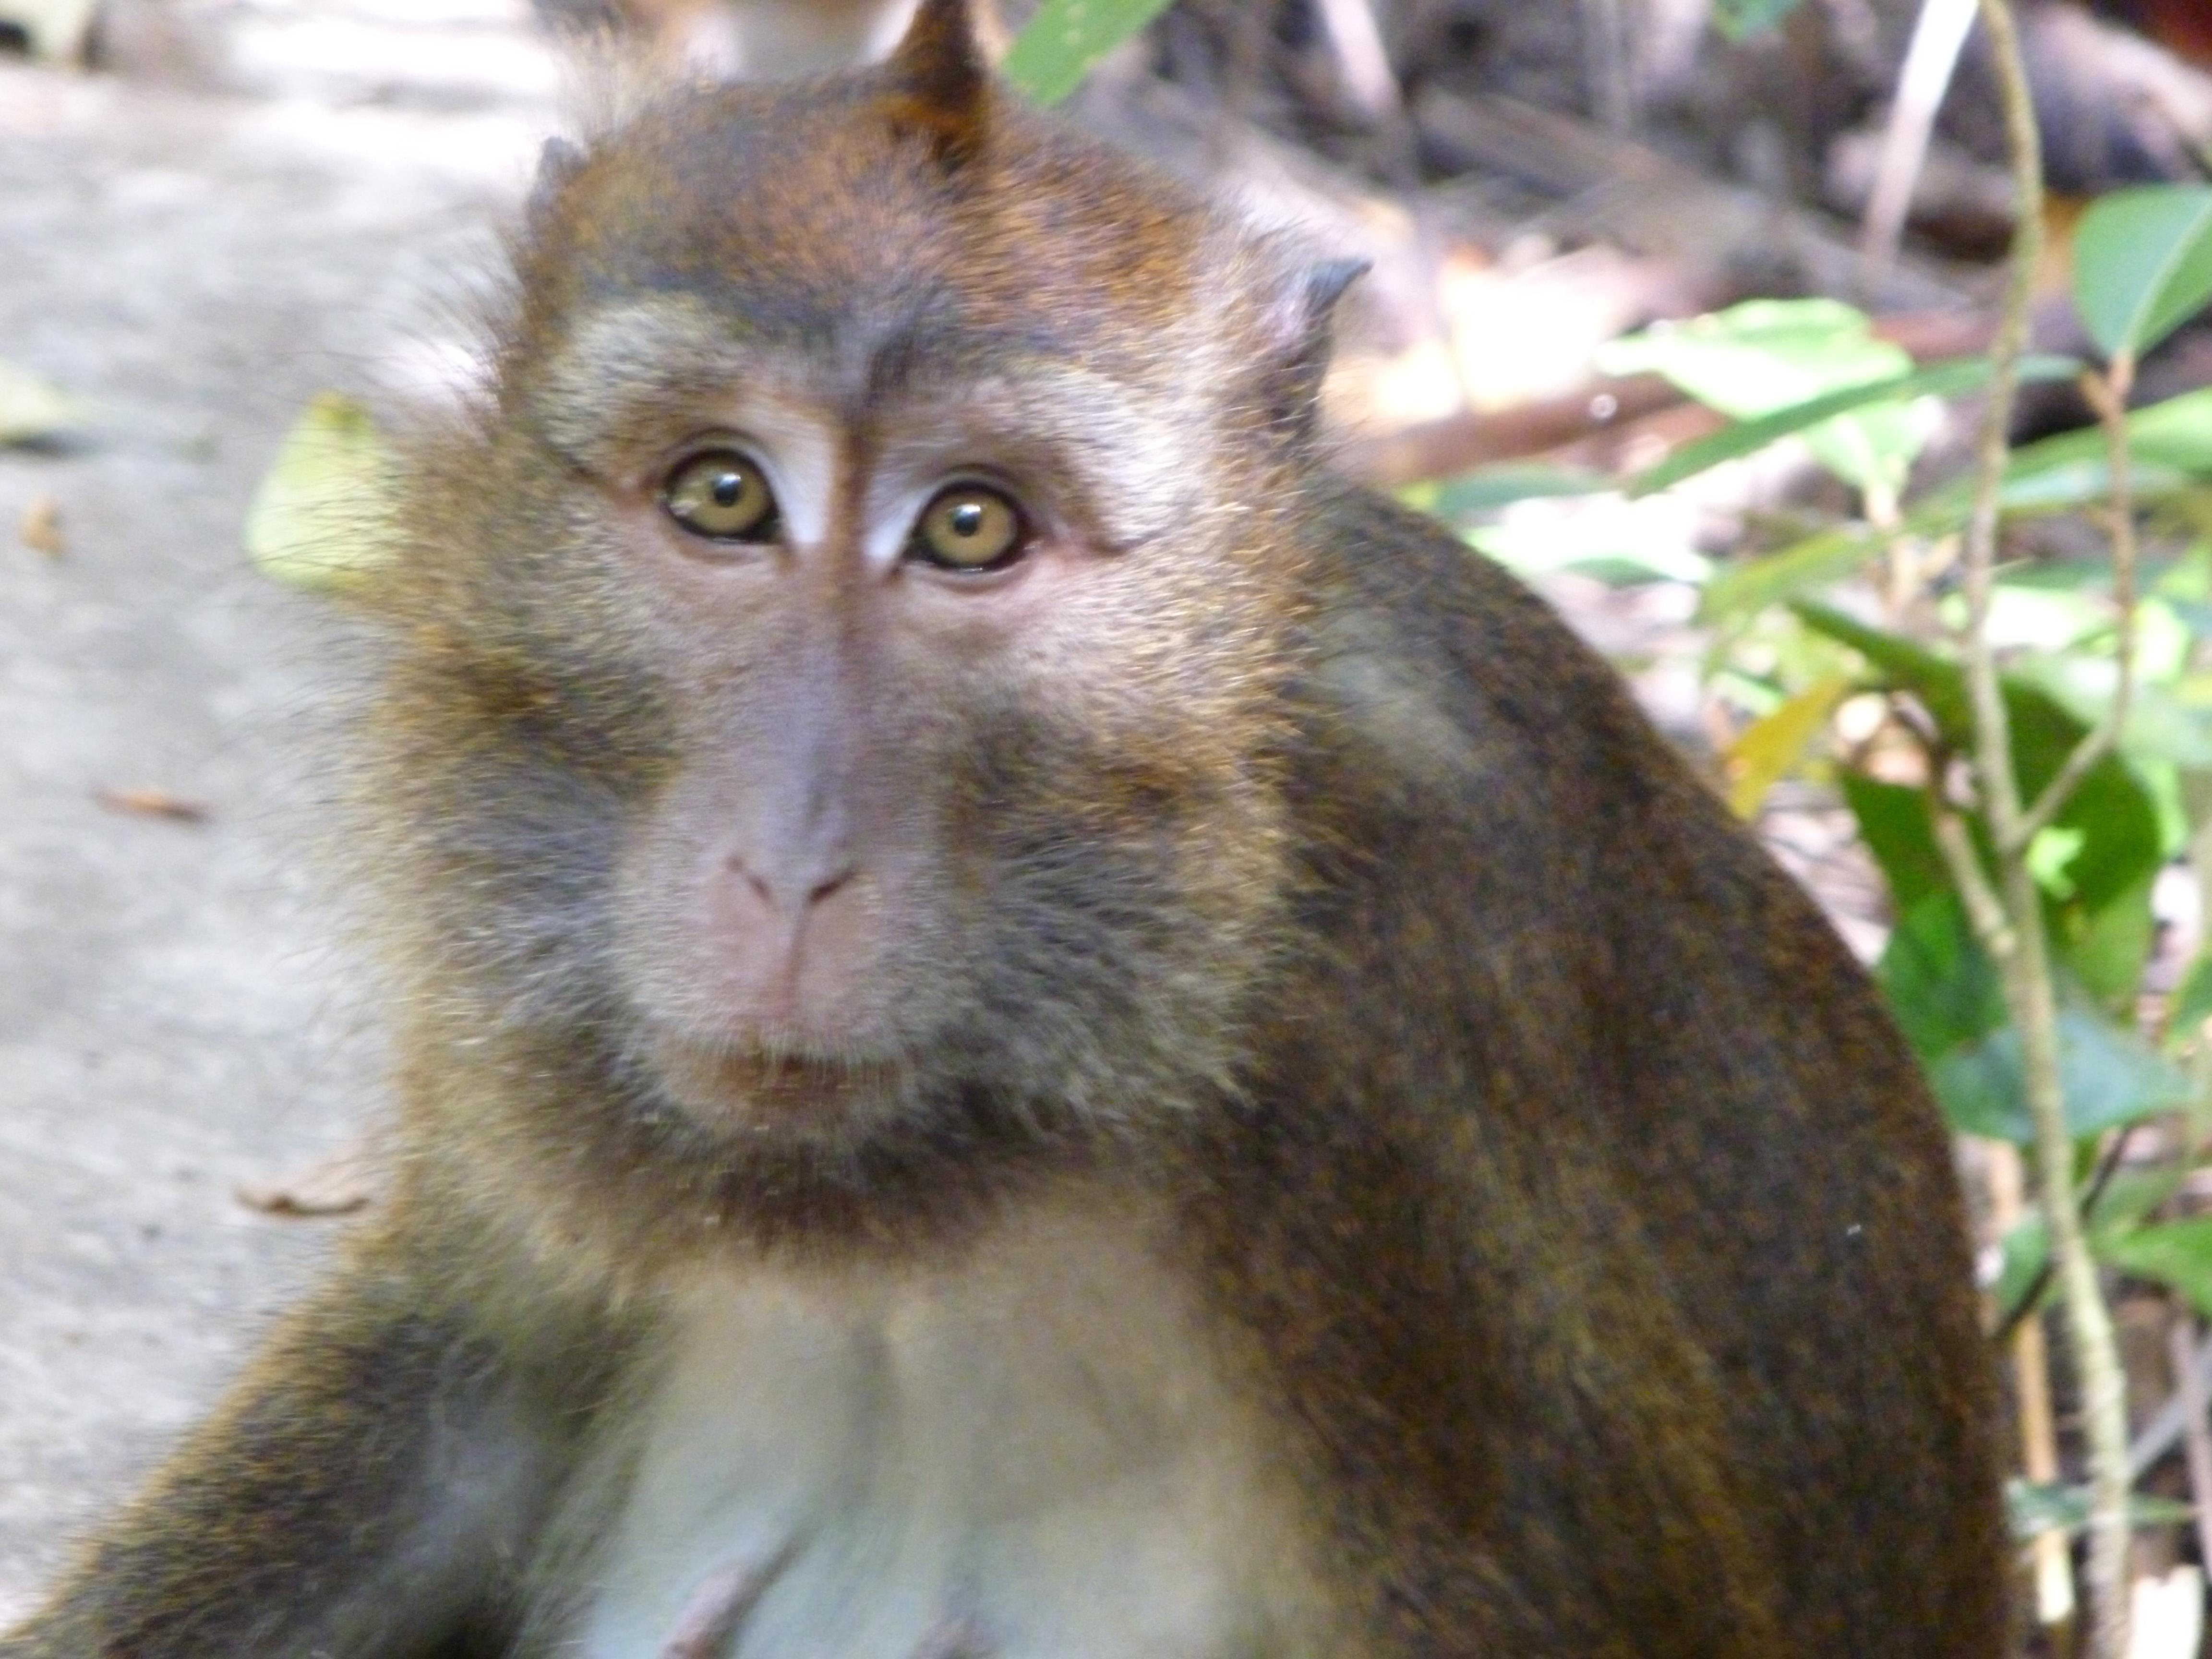 une bande de macaque nous suit à distance, ici, le plus téméraire.